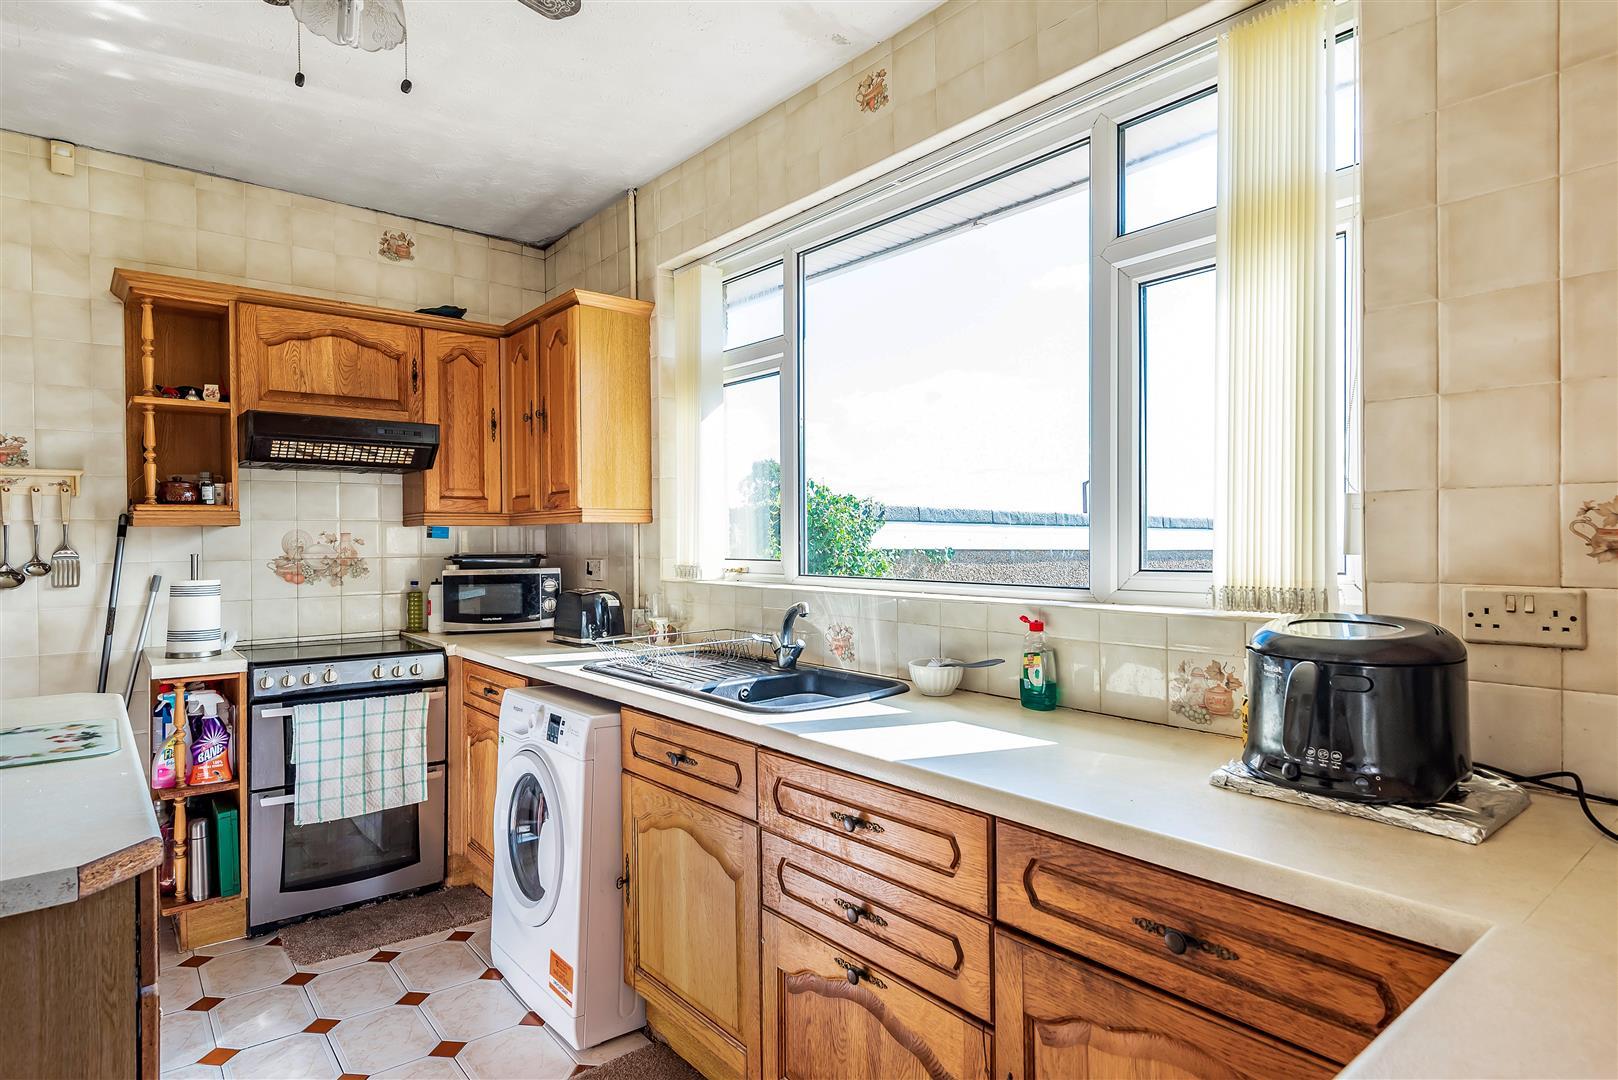 Caemawr Road, Morriston, Swansea, SA6 7EA